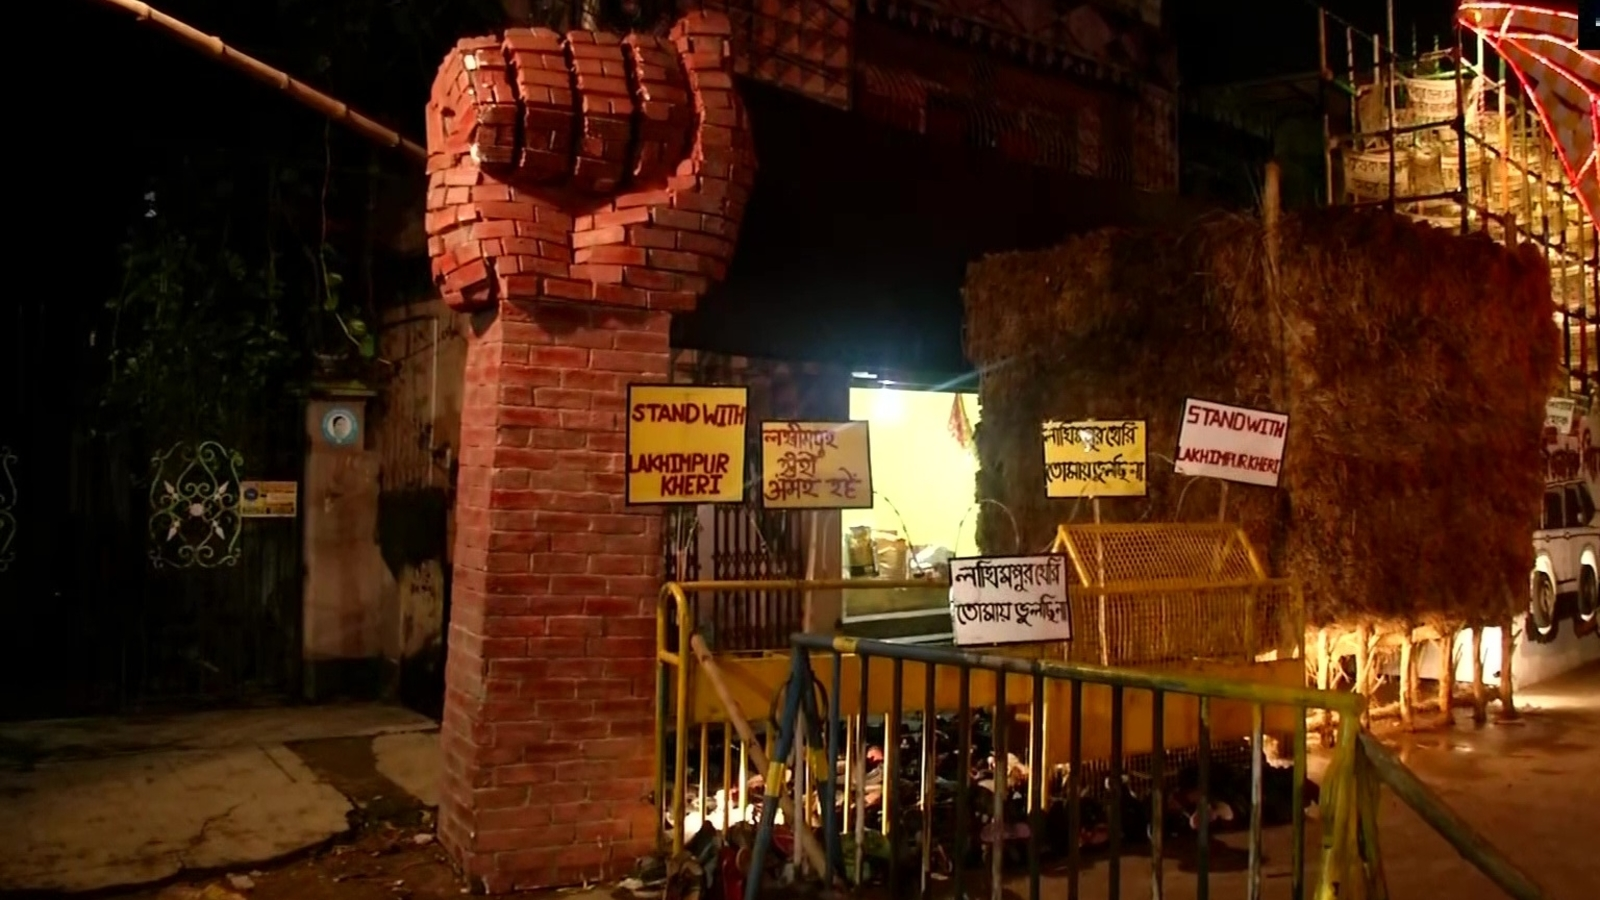 Durga Puja pandal in Kolkata showcases Lakhimpur Kheri violence, farmers' protest